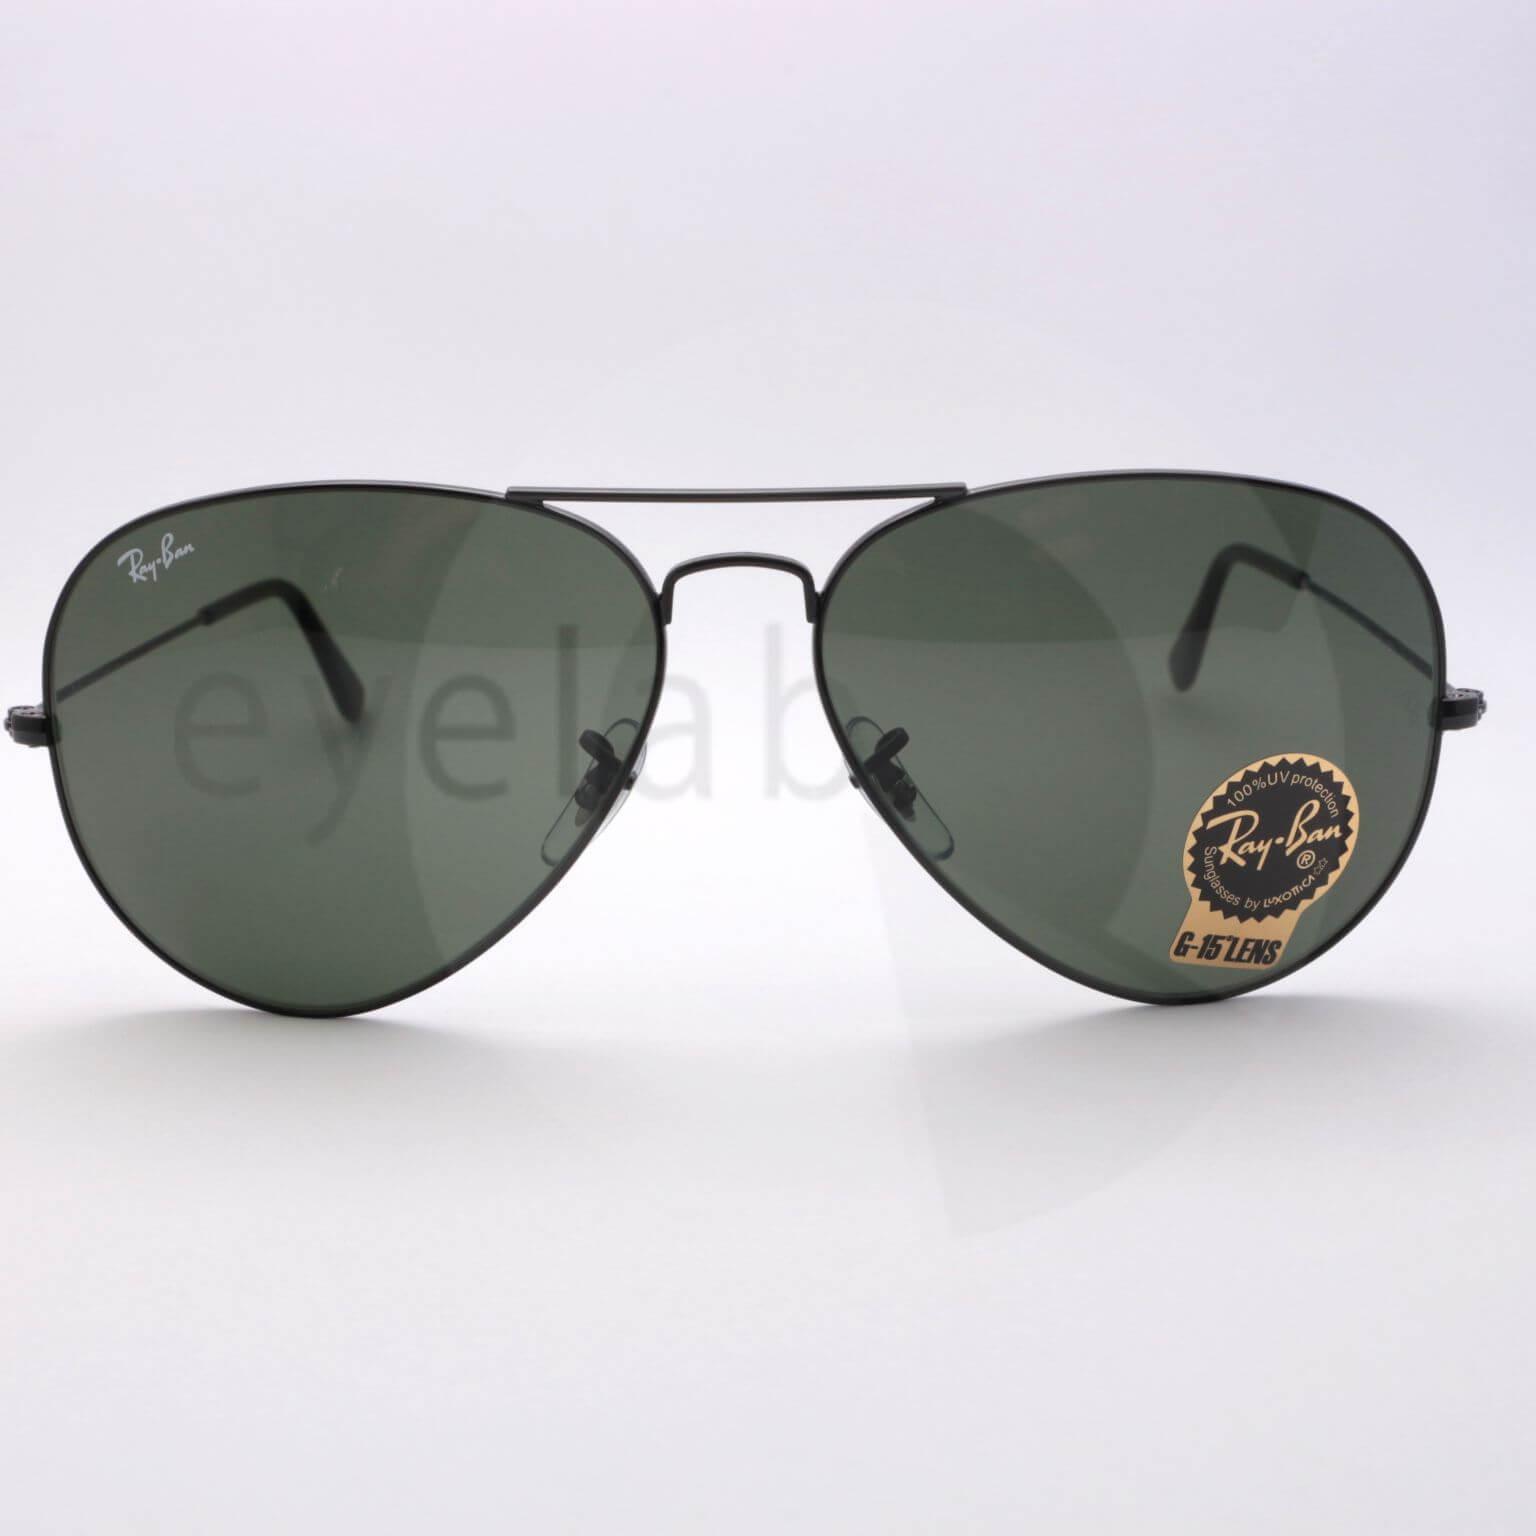 Γυαλιά ηλίου Ray-Ban 3026 L2821 62 Aviator ~ Eyelab b11ef0f3841